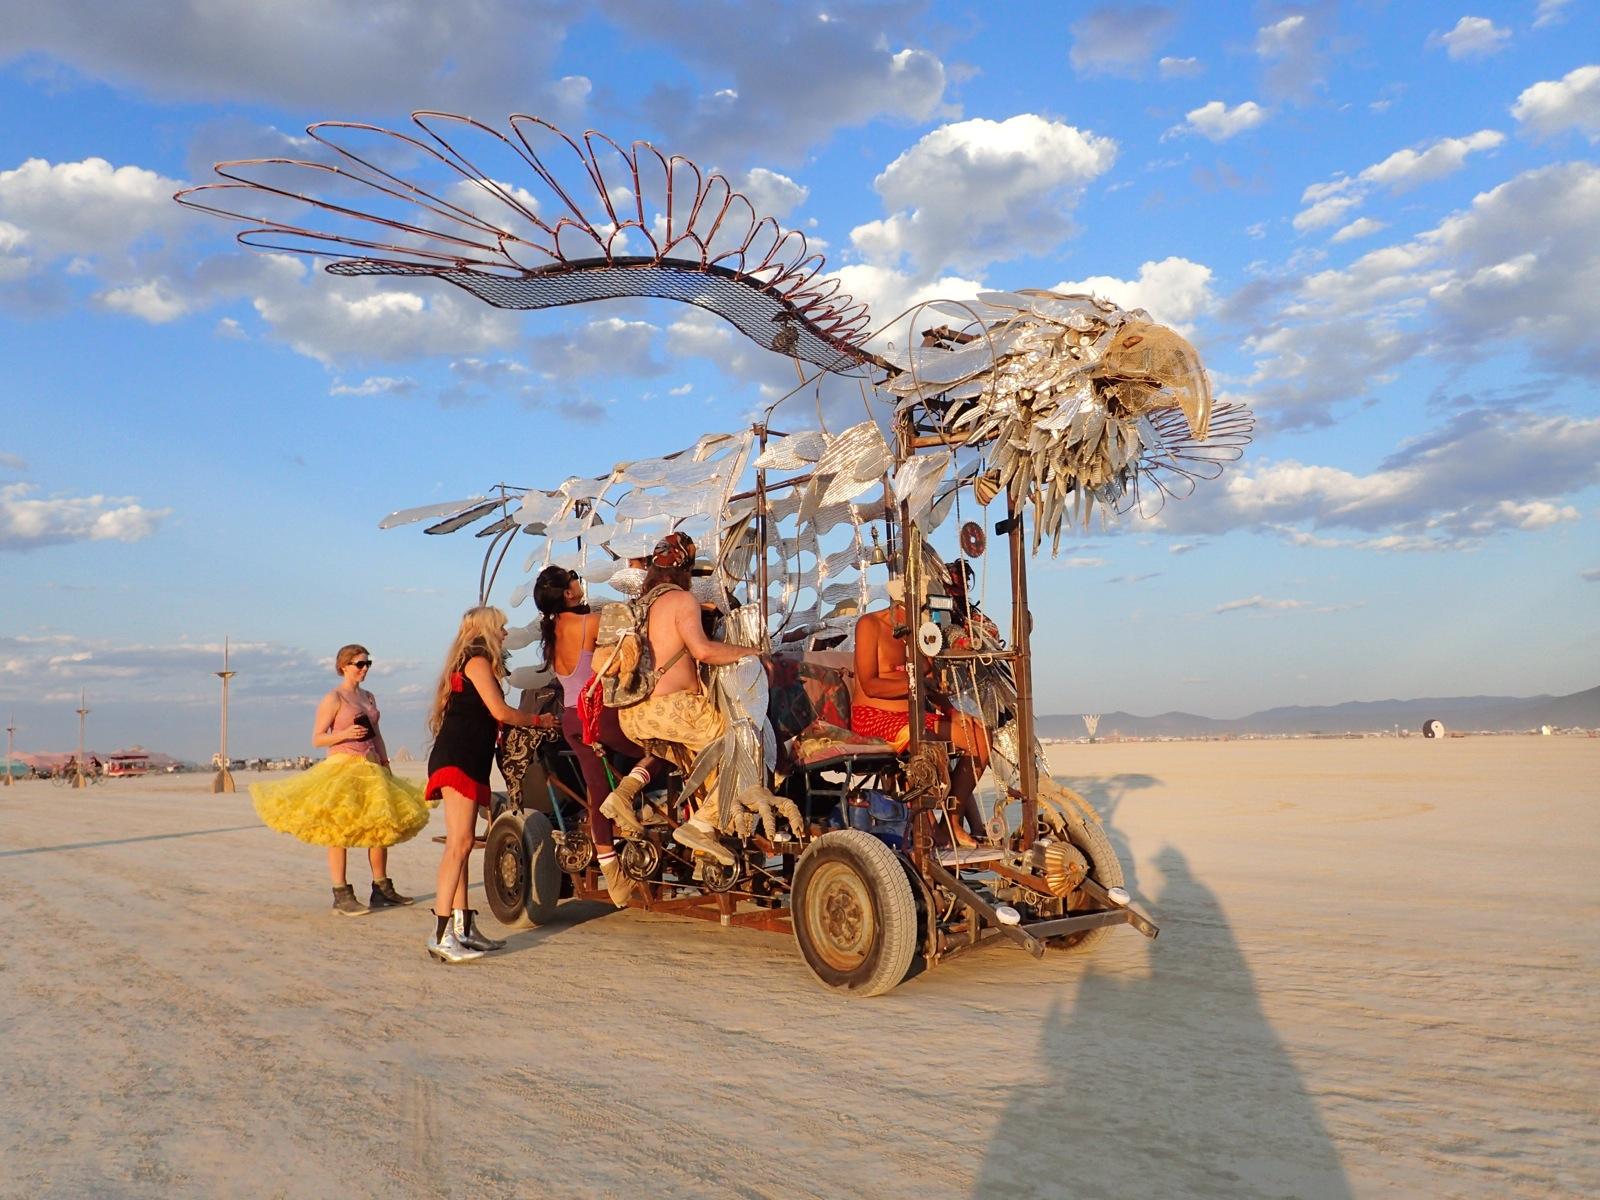 Shamancycle Burning Man Art Cars 2014 Jeff Carver